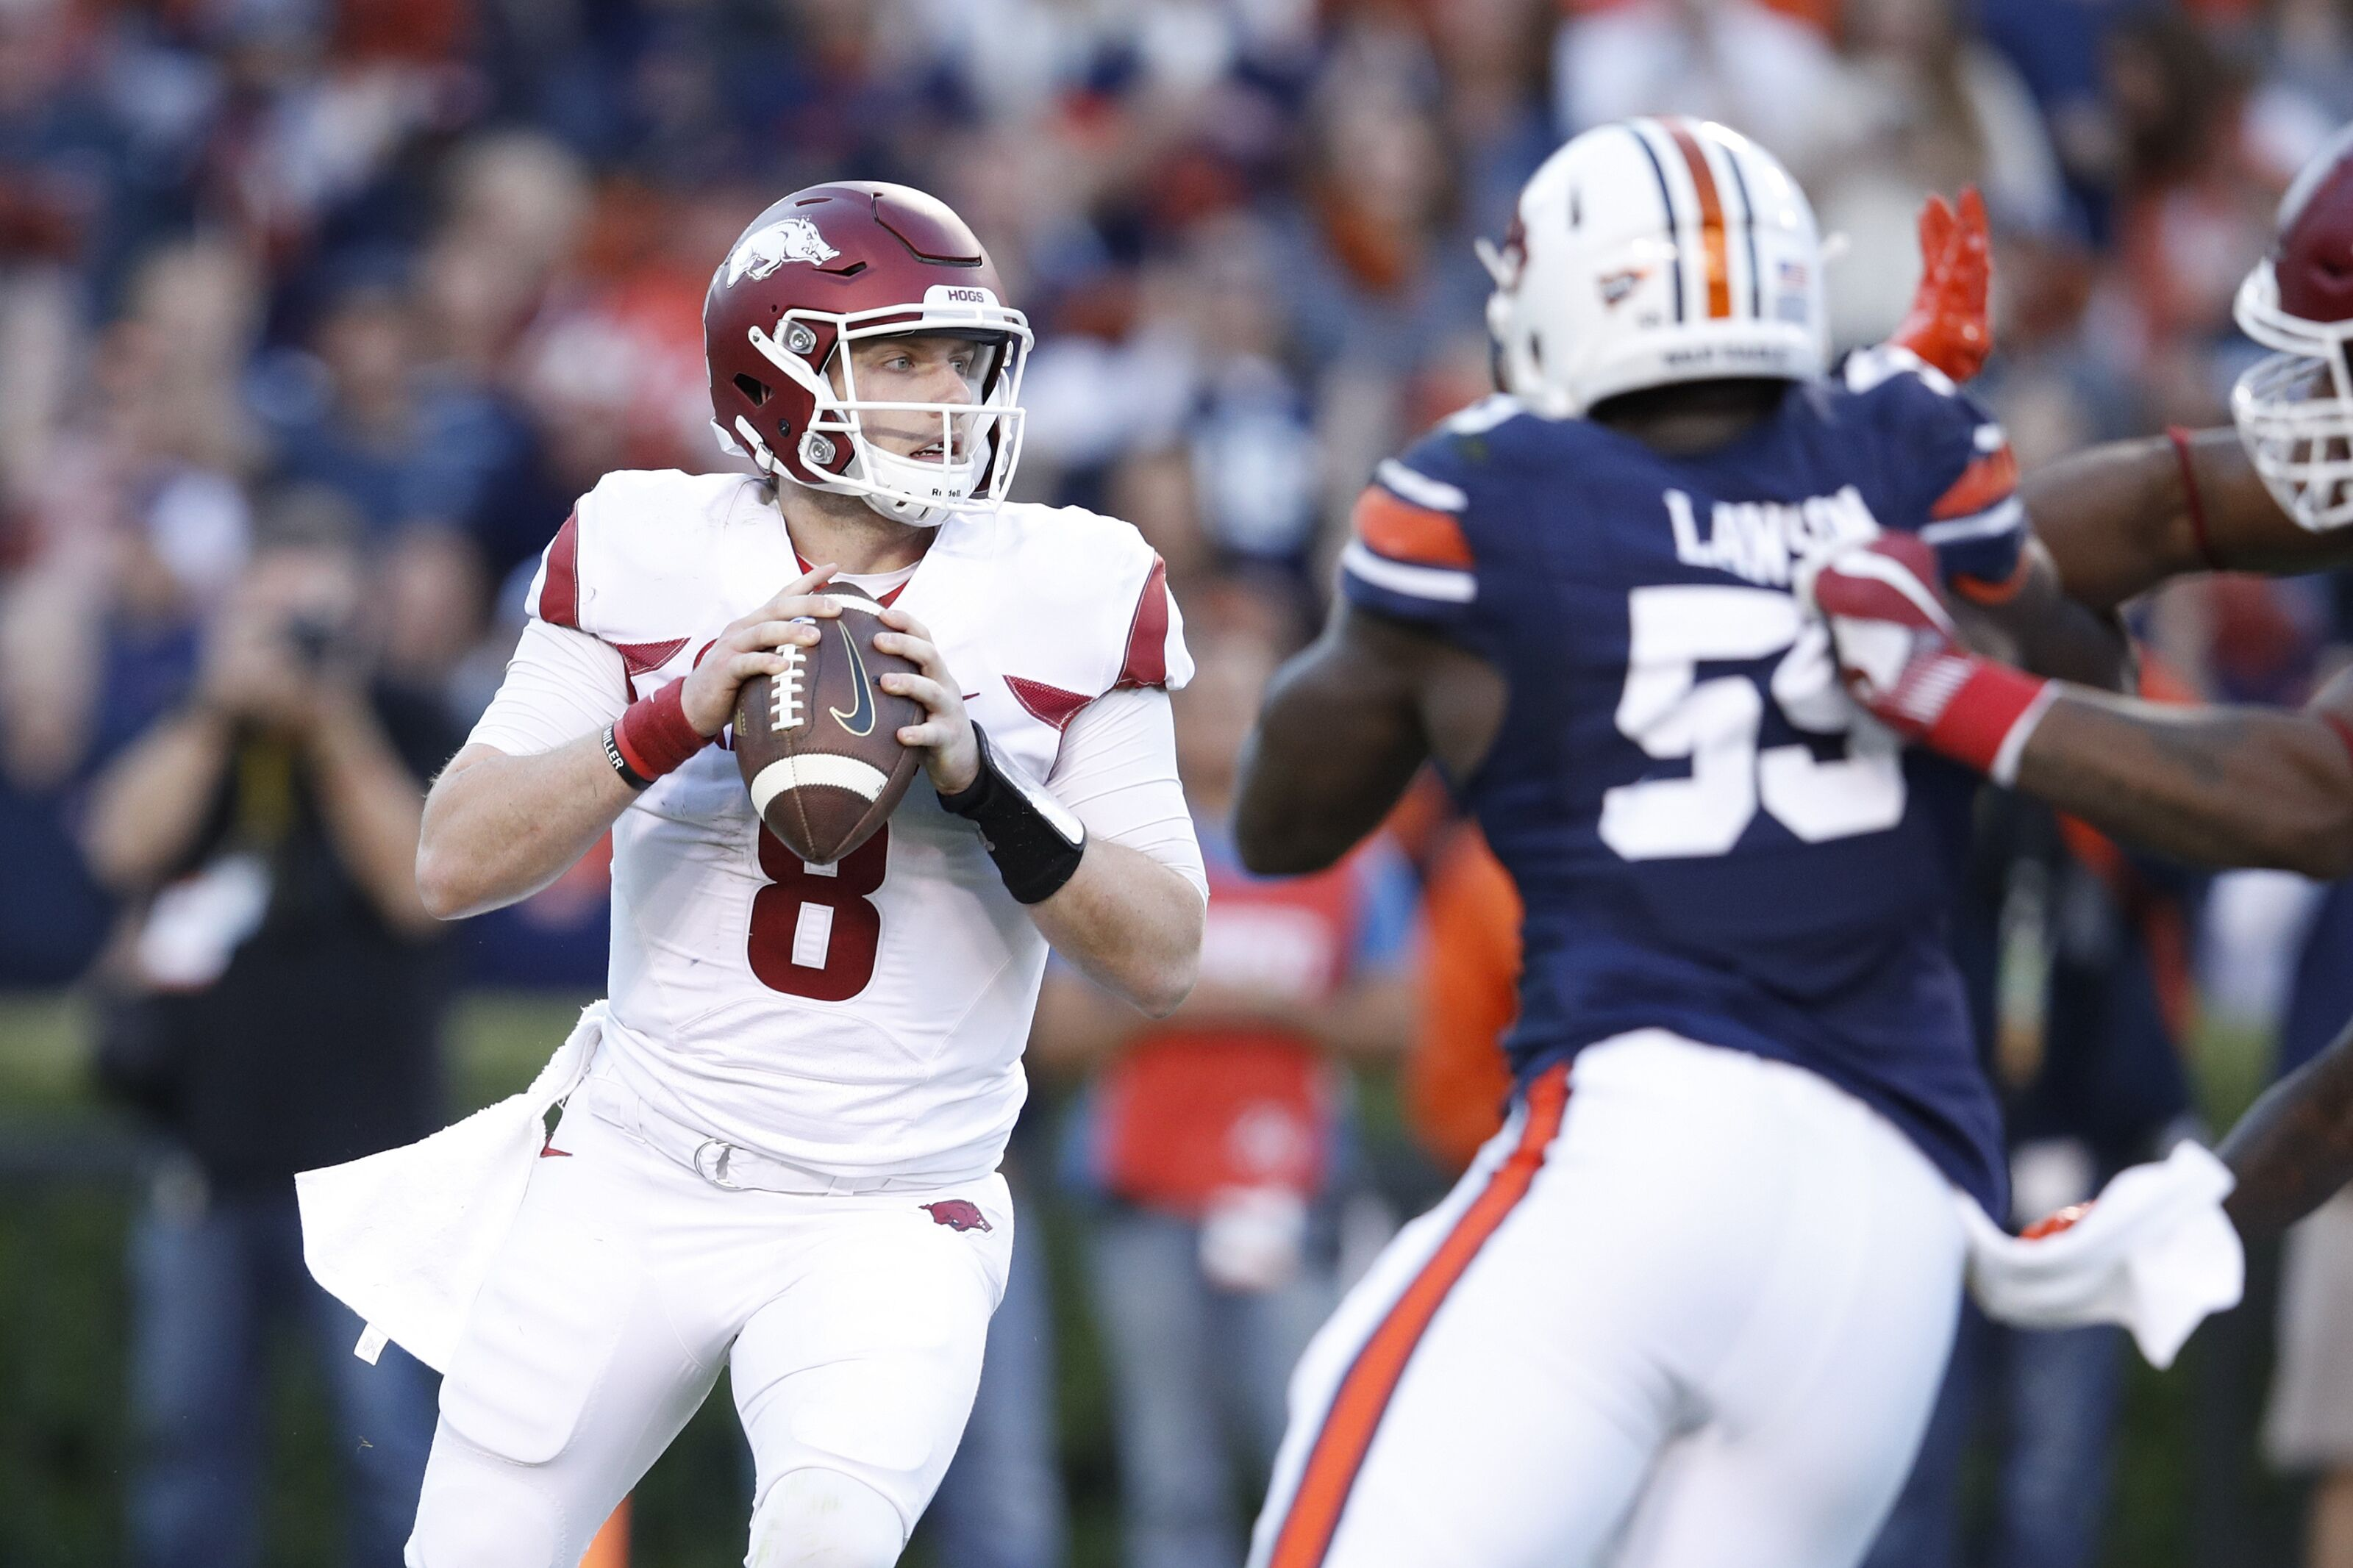 Arkansas vs. Auburn football game: What TV channel, what ...